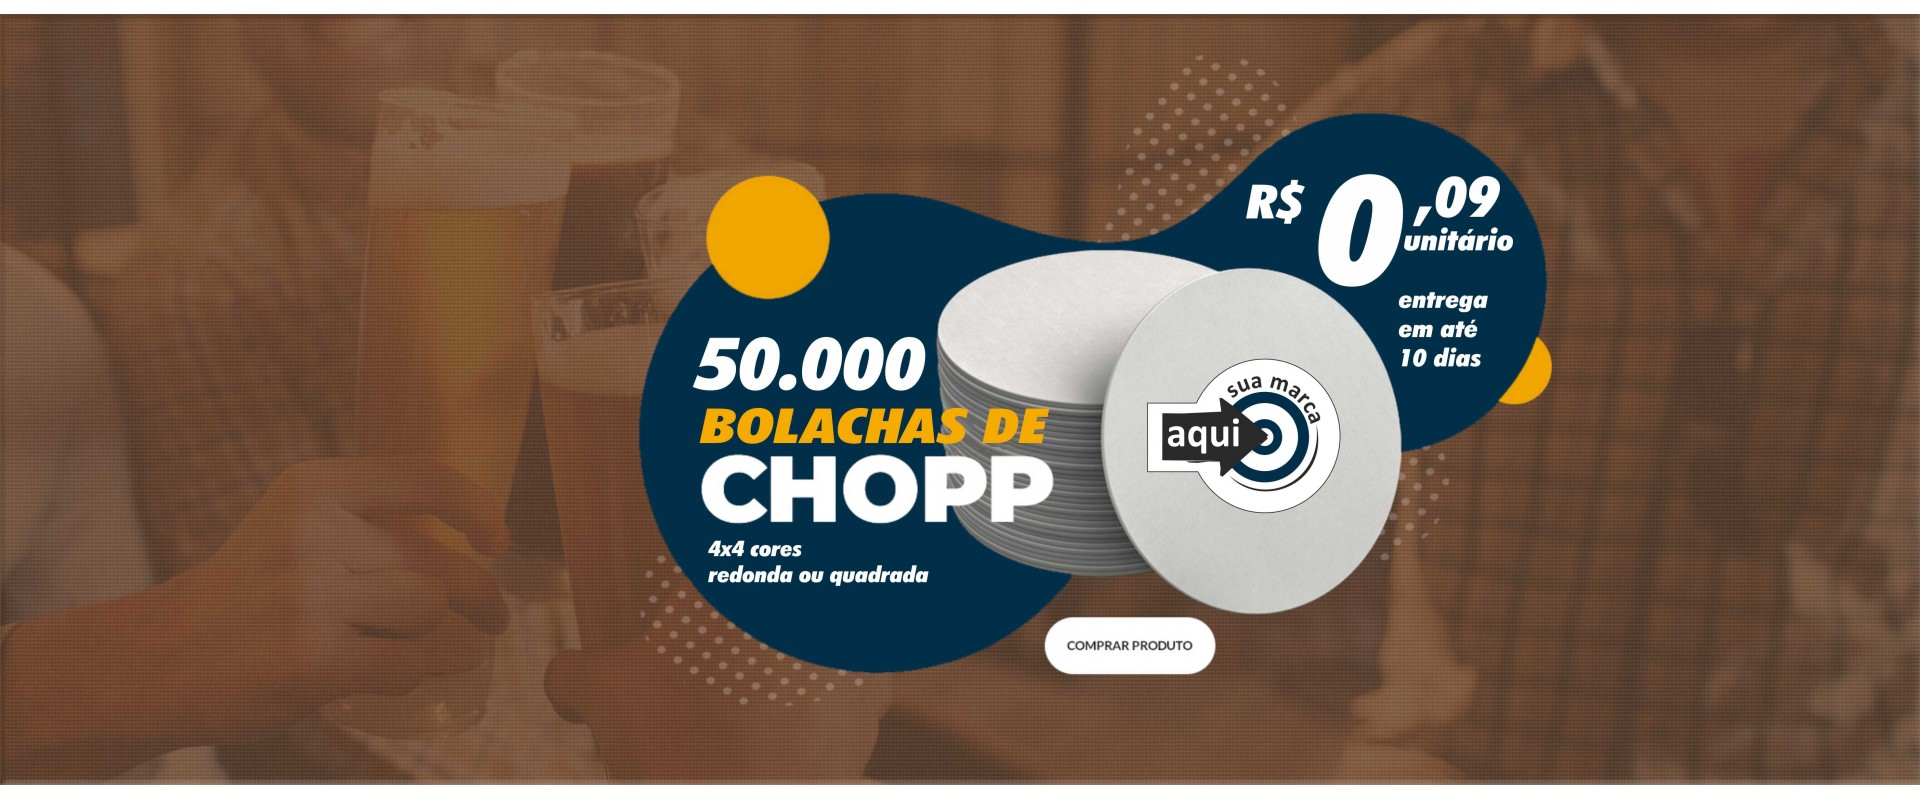 50.000 Bolachas para Chopp